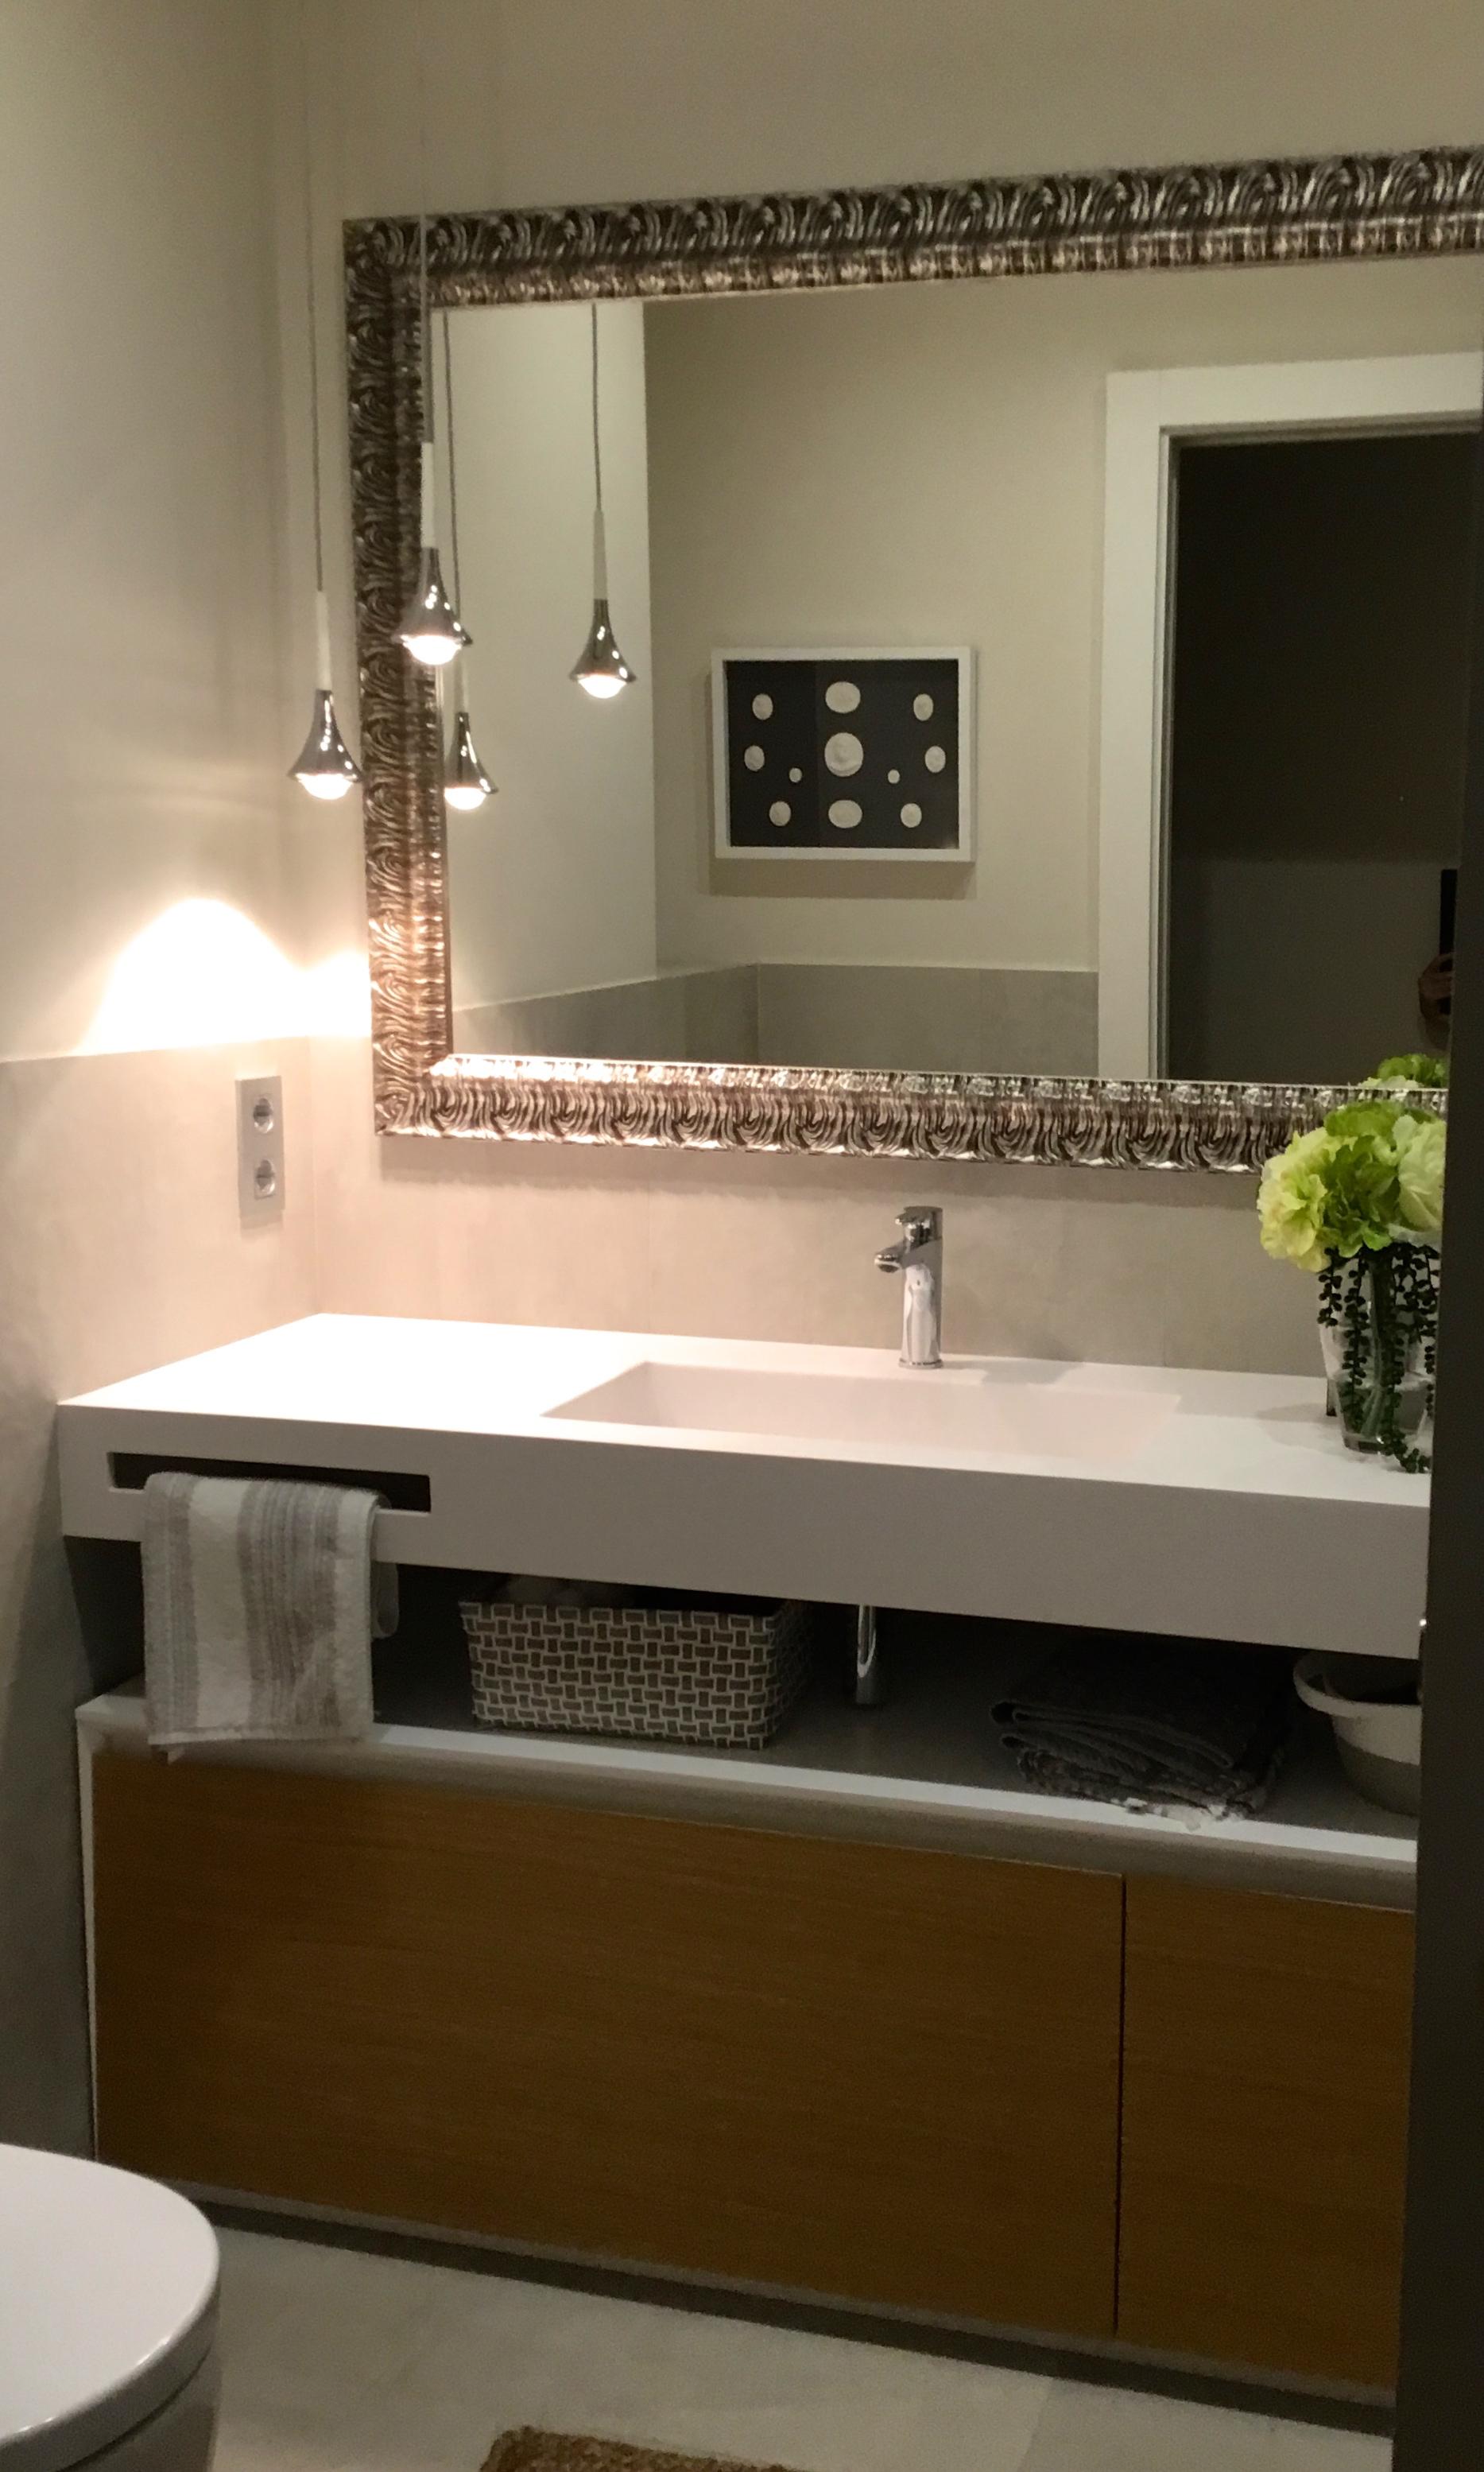 proyectos y reformas de baños donde la elegancia y funcionalidad van de la mano